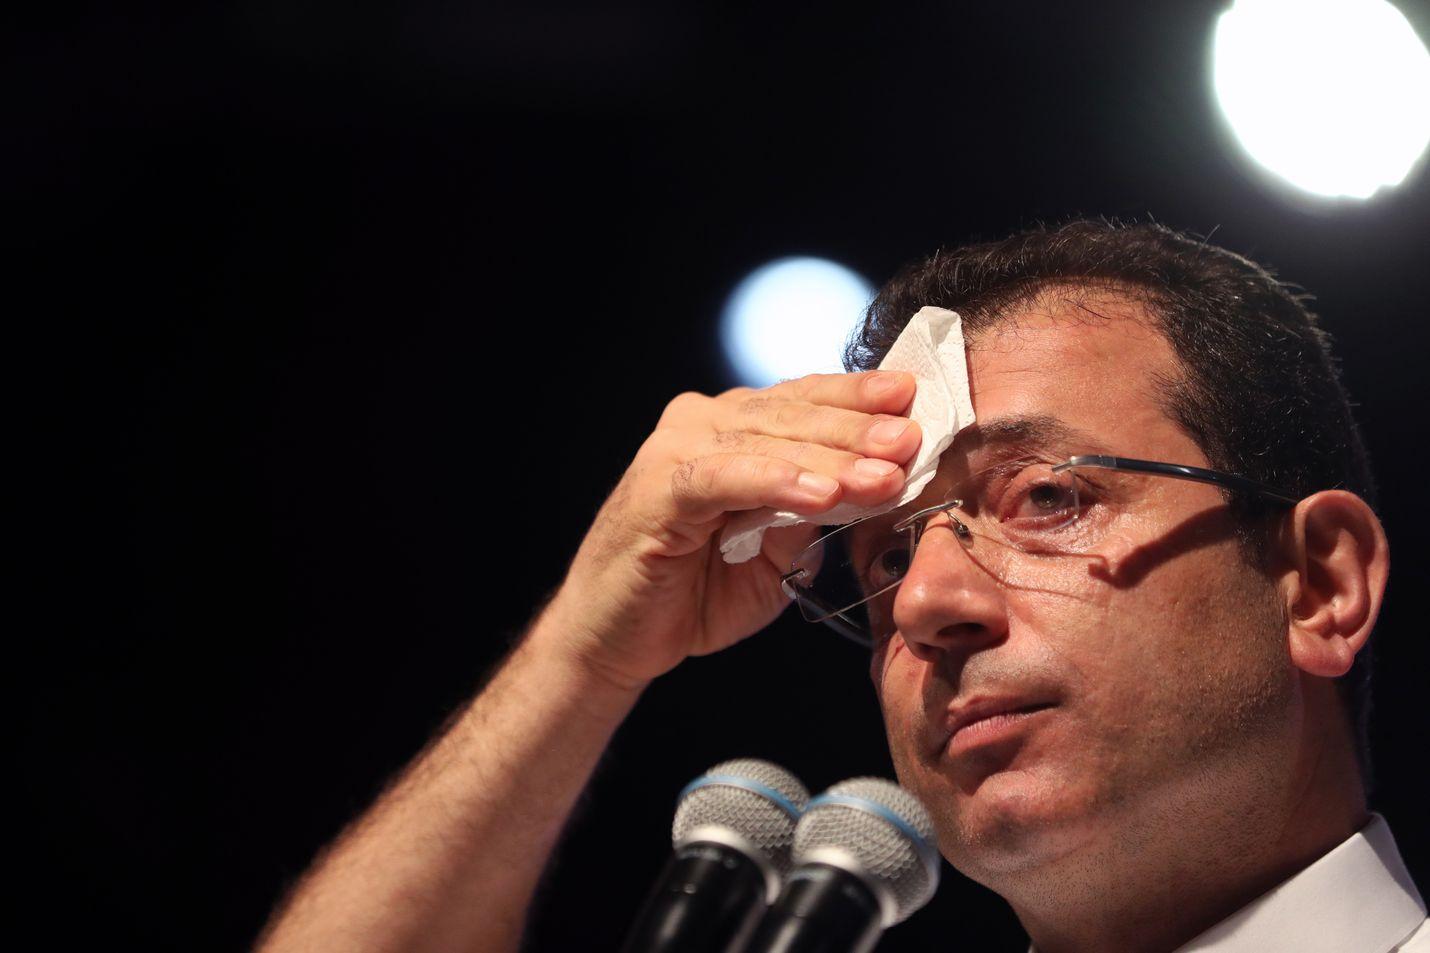 Turkin pääoppositiopuolue CHP:n ehdokas Ekrem Imamoglu voitti hallituspuolueen ehdokkaan Istanbulin pormestarivaalissa maaliskuussa 13000 äänellä.